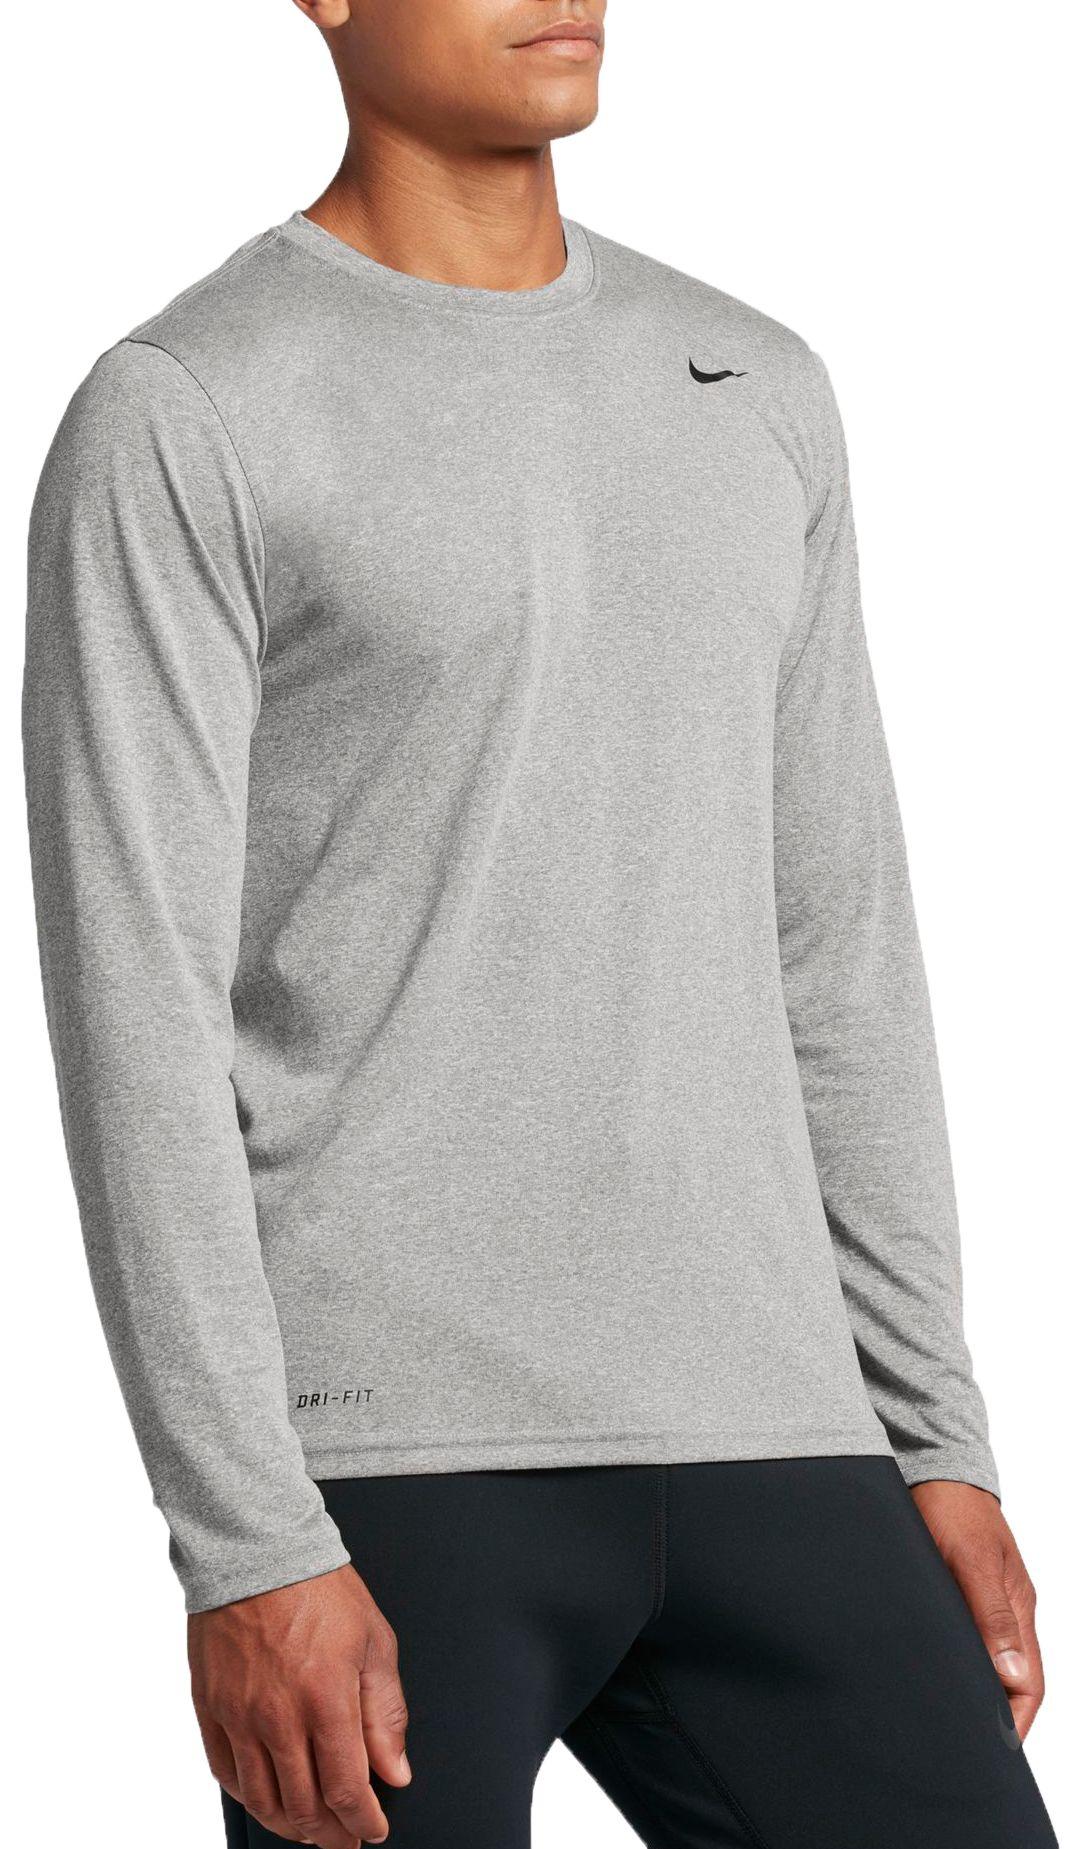 556a00b97 Nike Men's Legend Long Sleeve Shirt